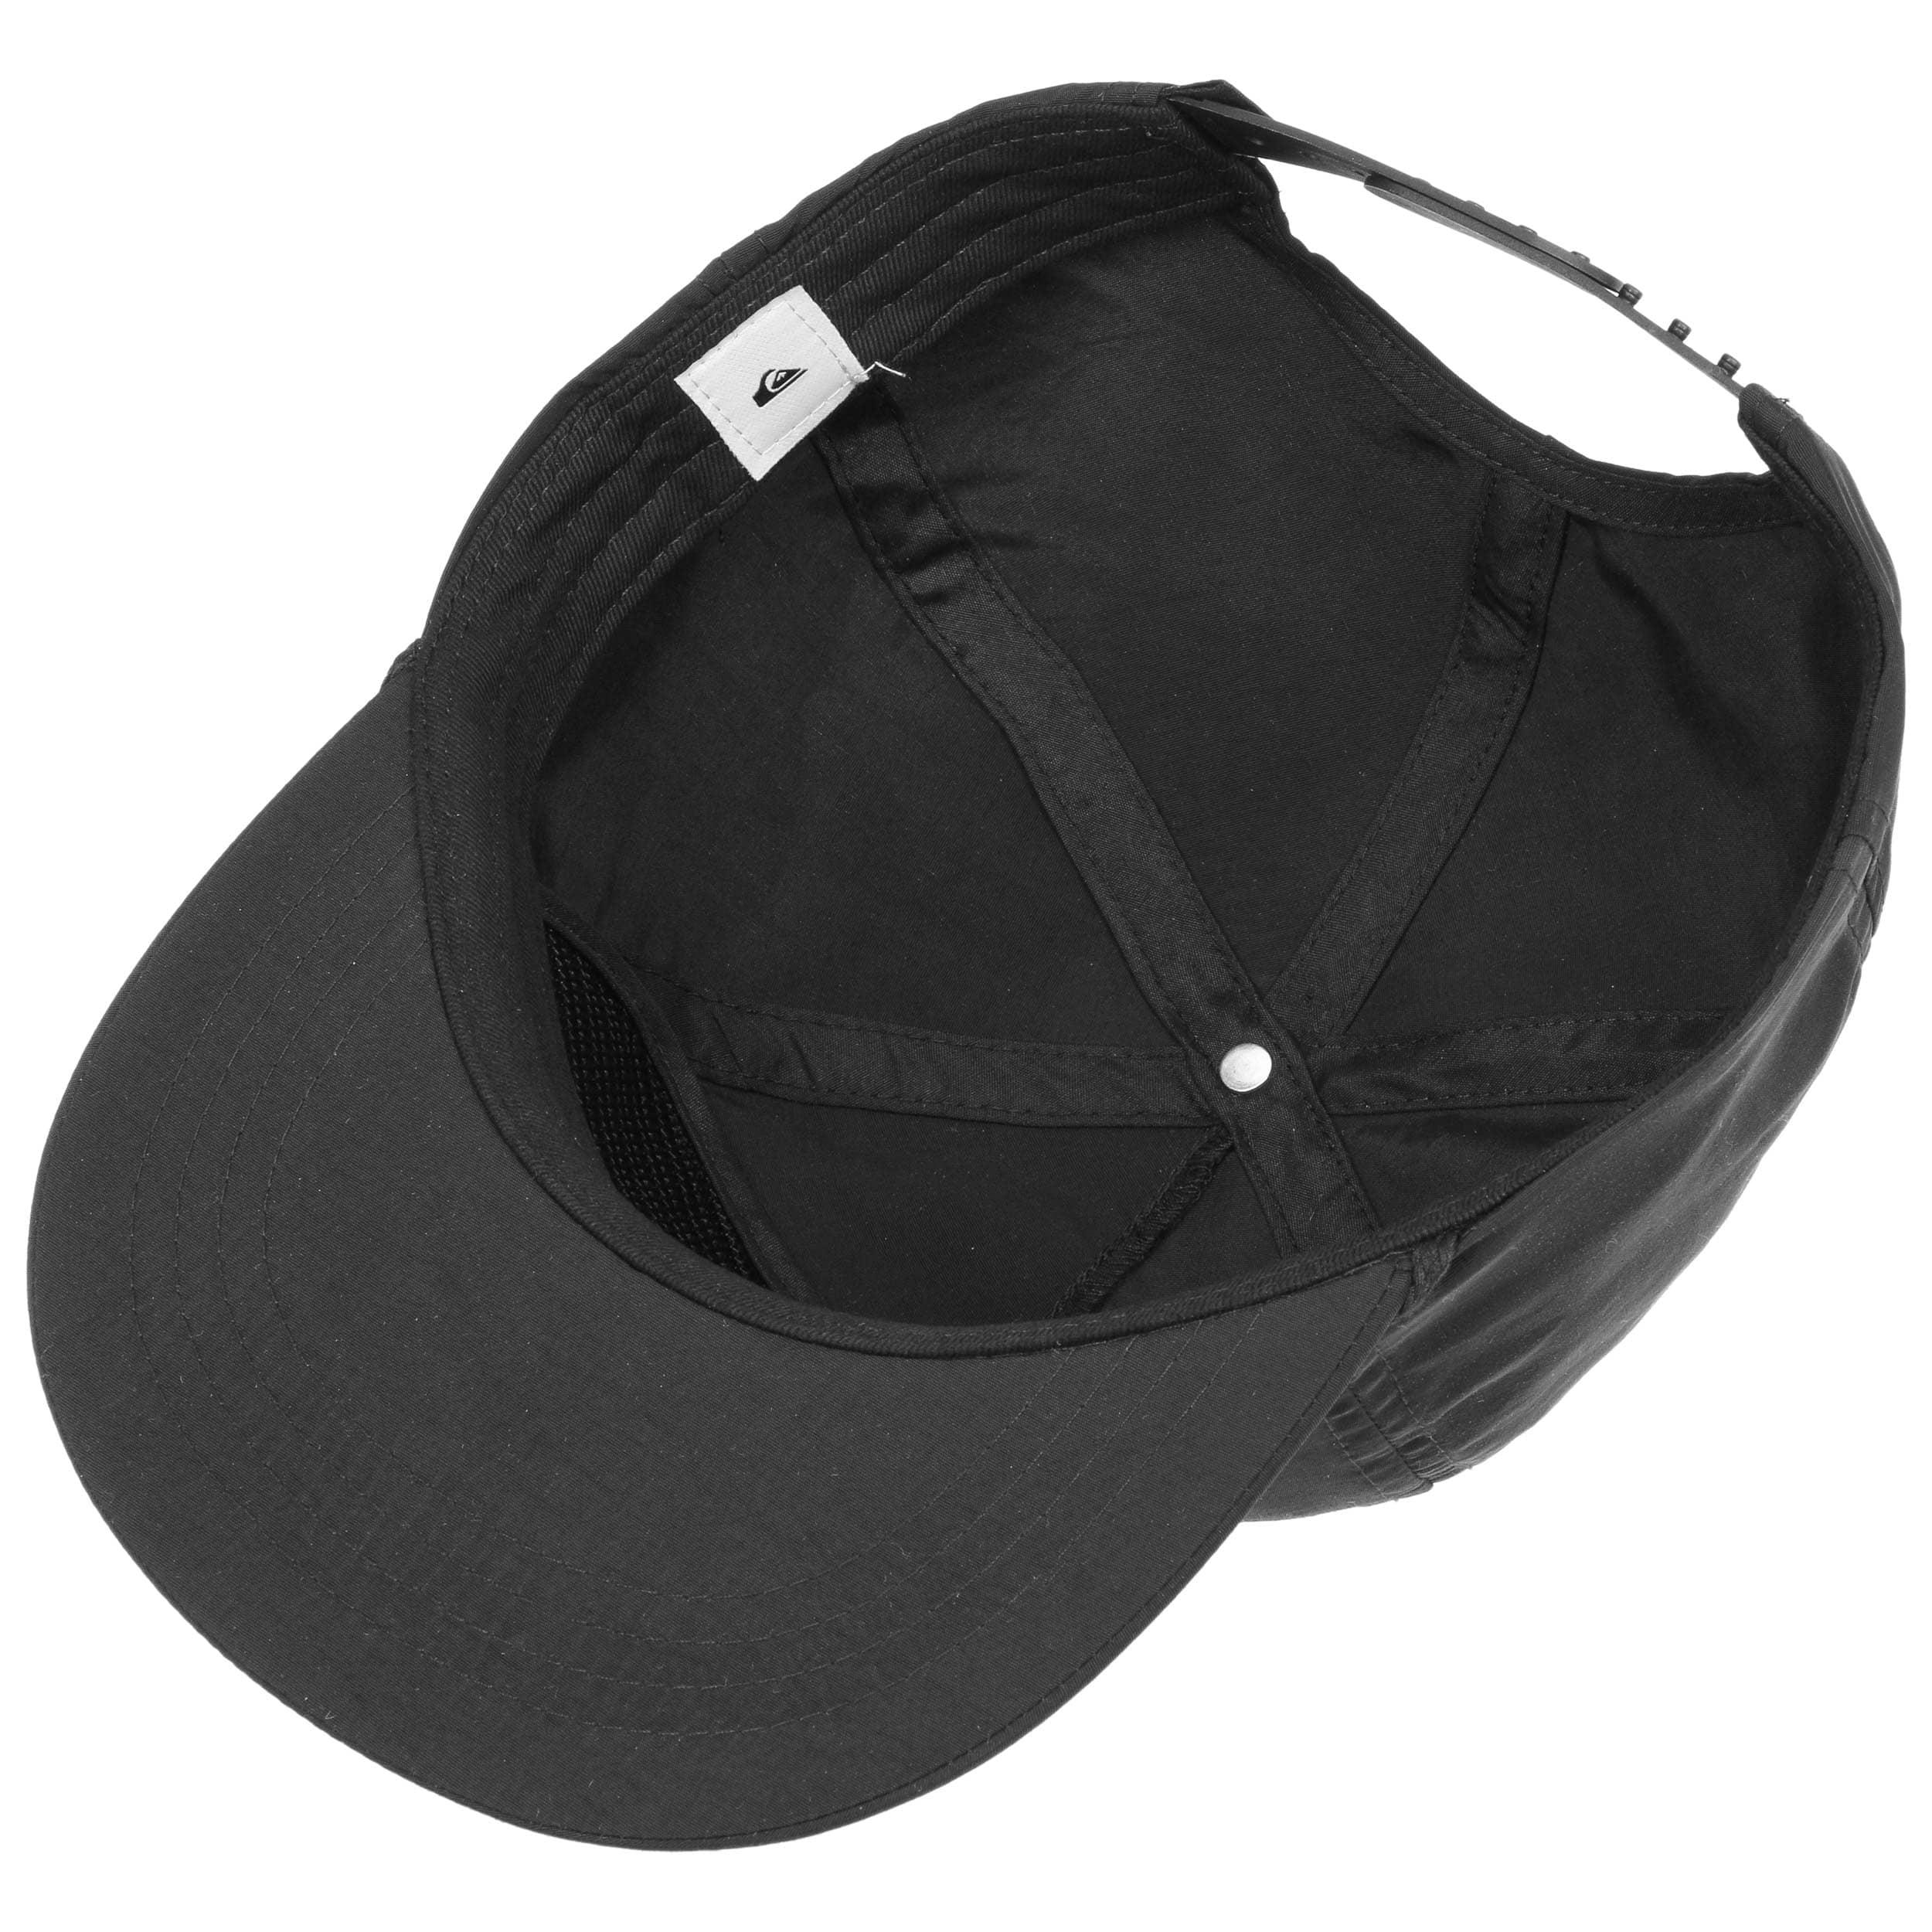 ... Surf Snapback Cap by Quiksilver - black 2 ... 66d9c87d12f